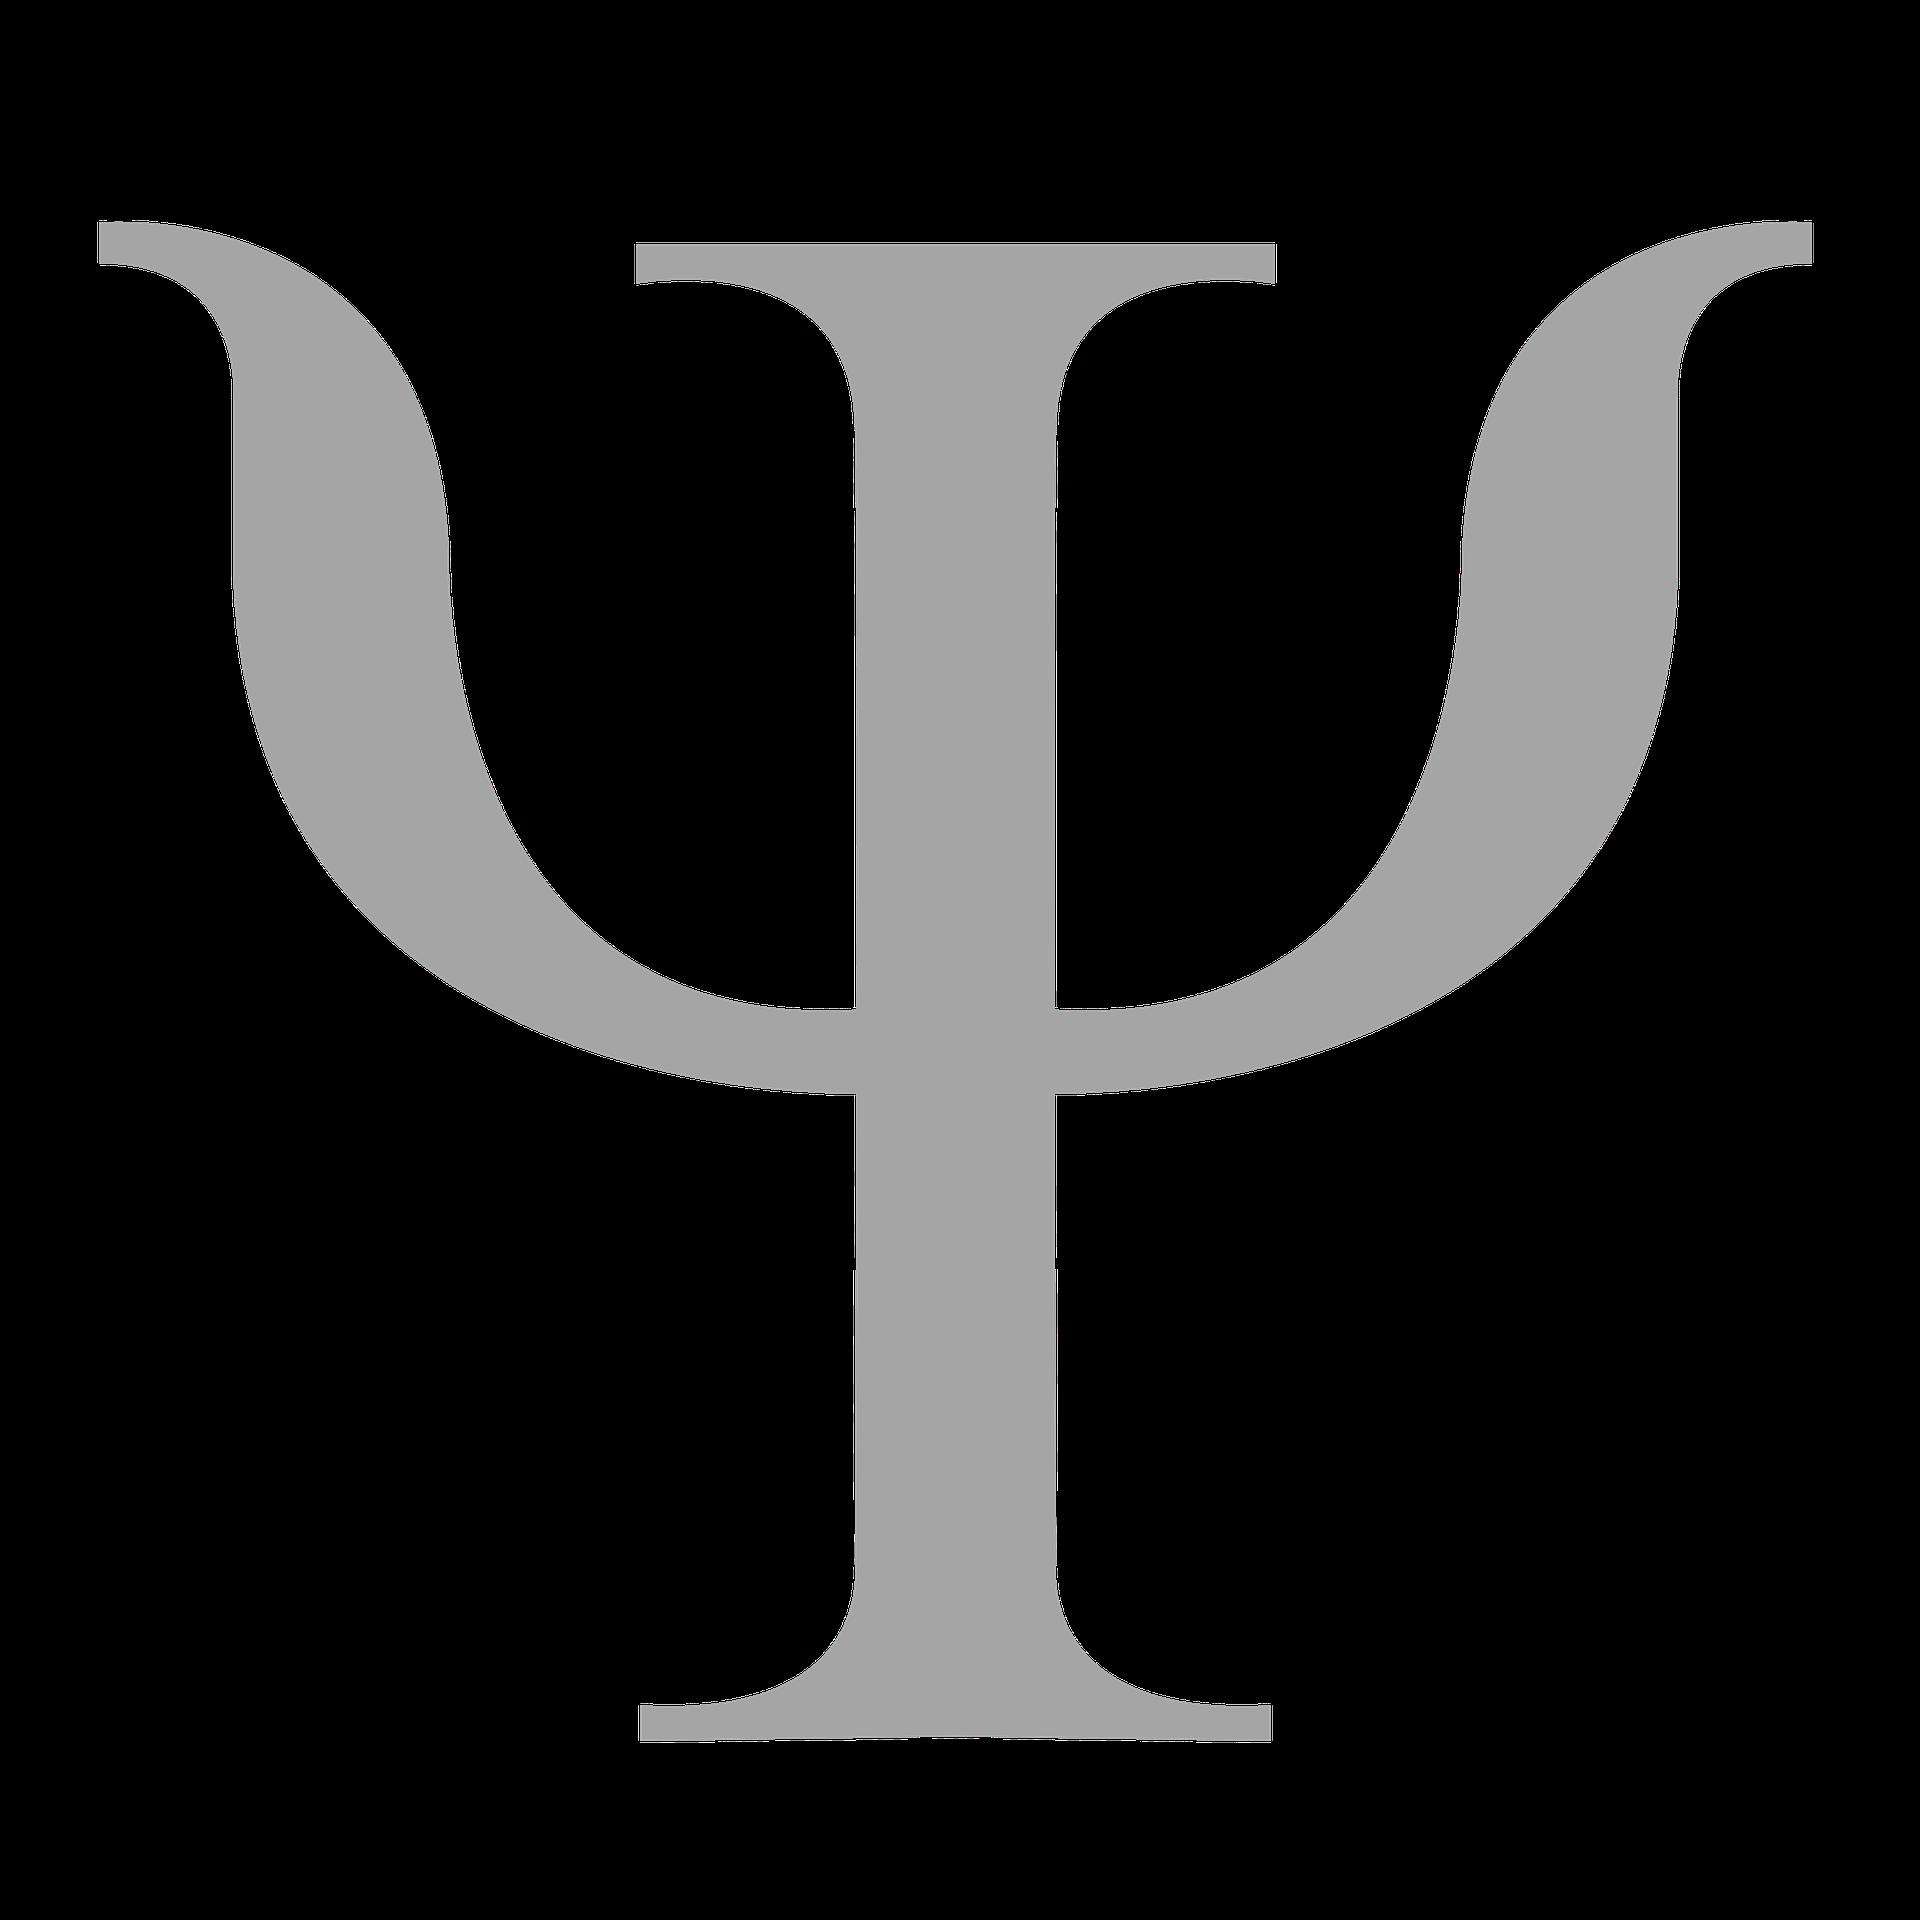 Psykologi symbol